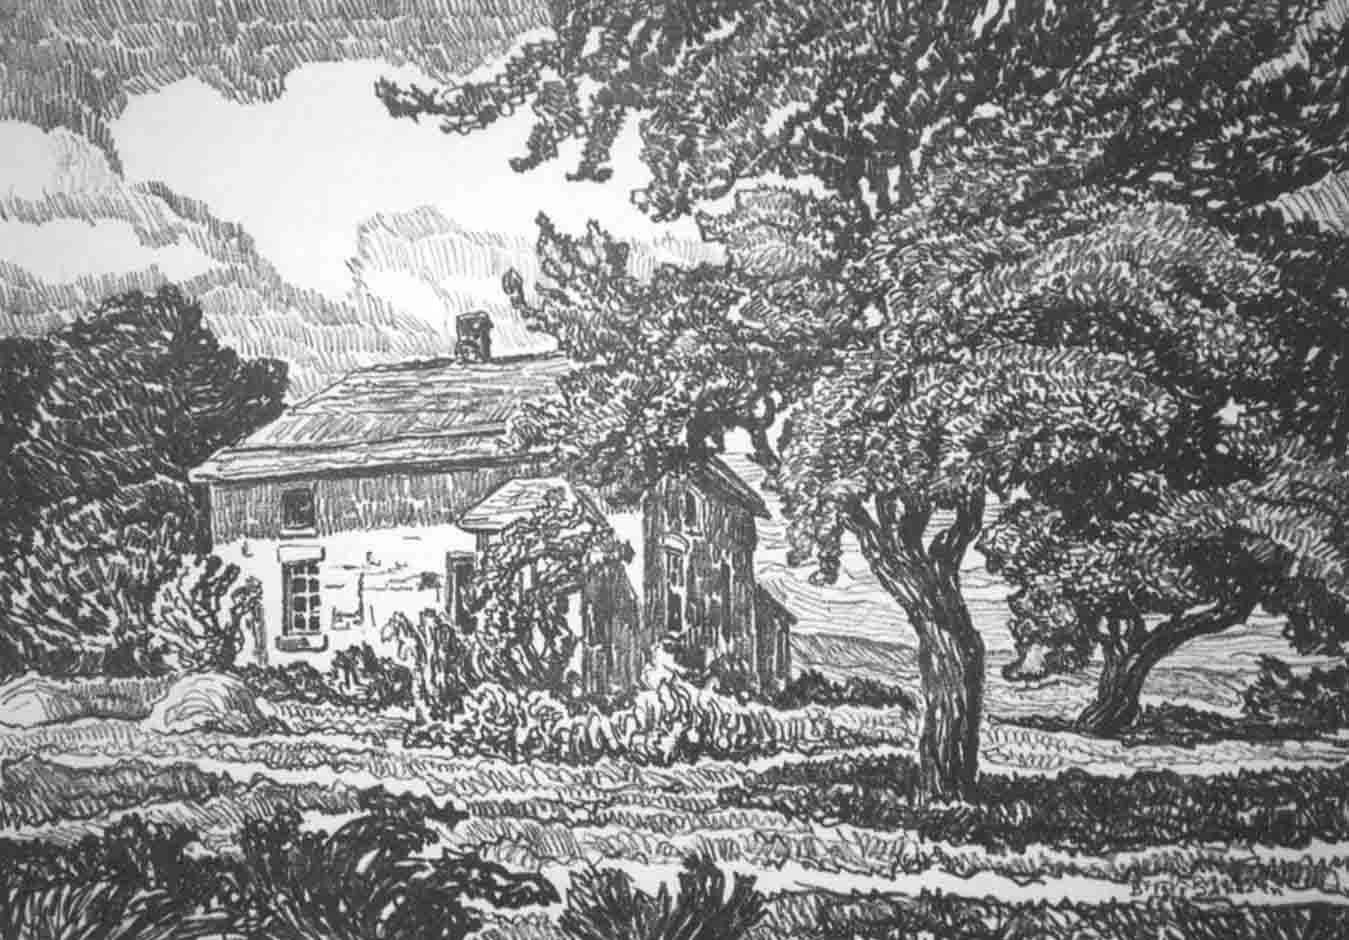 The Old Homestead 1920 lithograph - Birger Sandzén Memorial Gallery